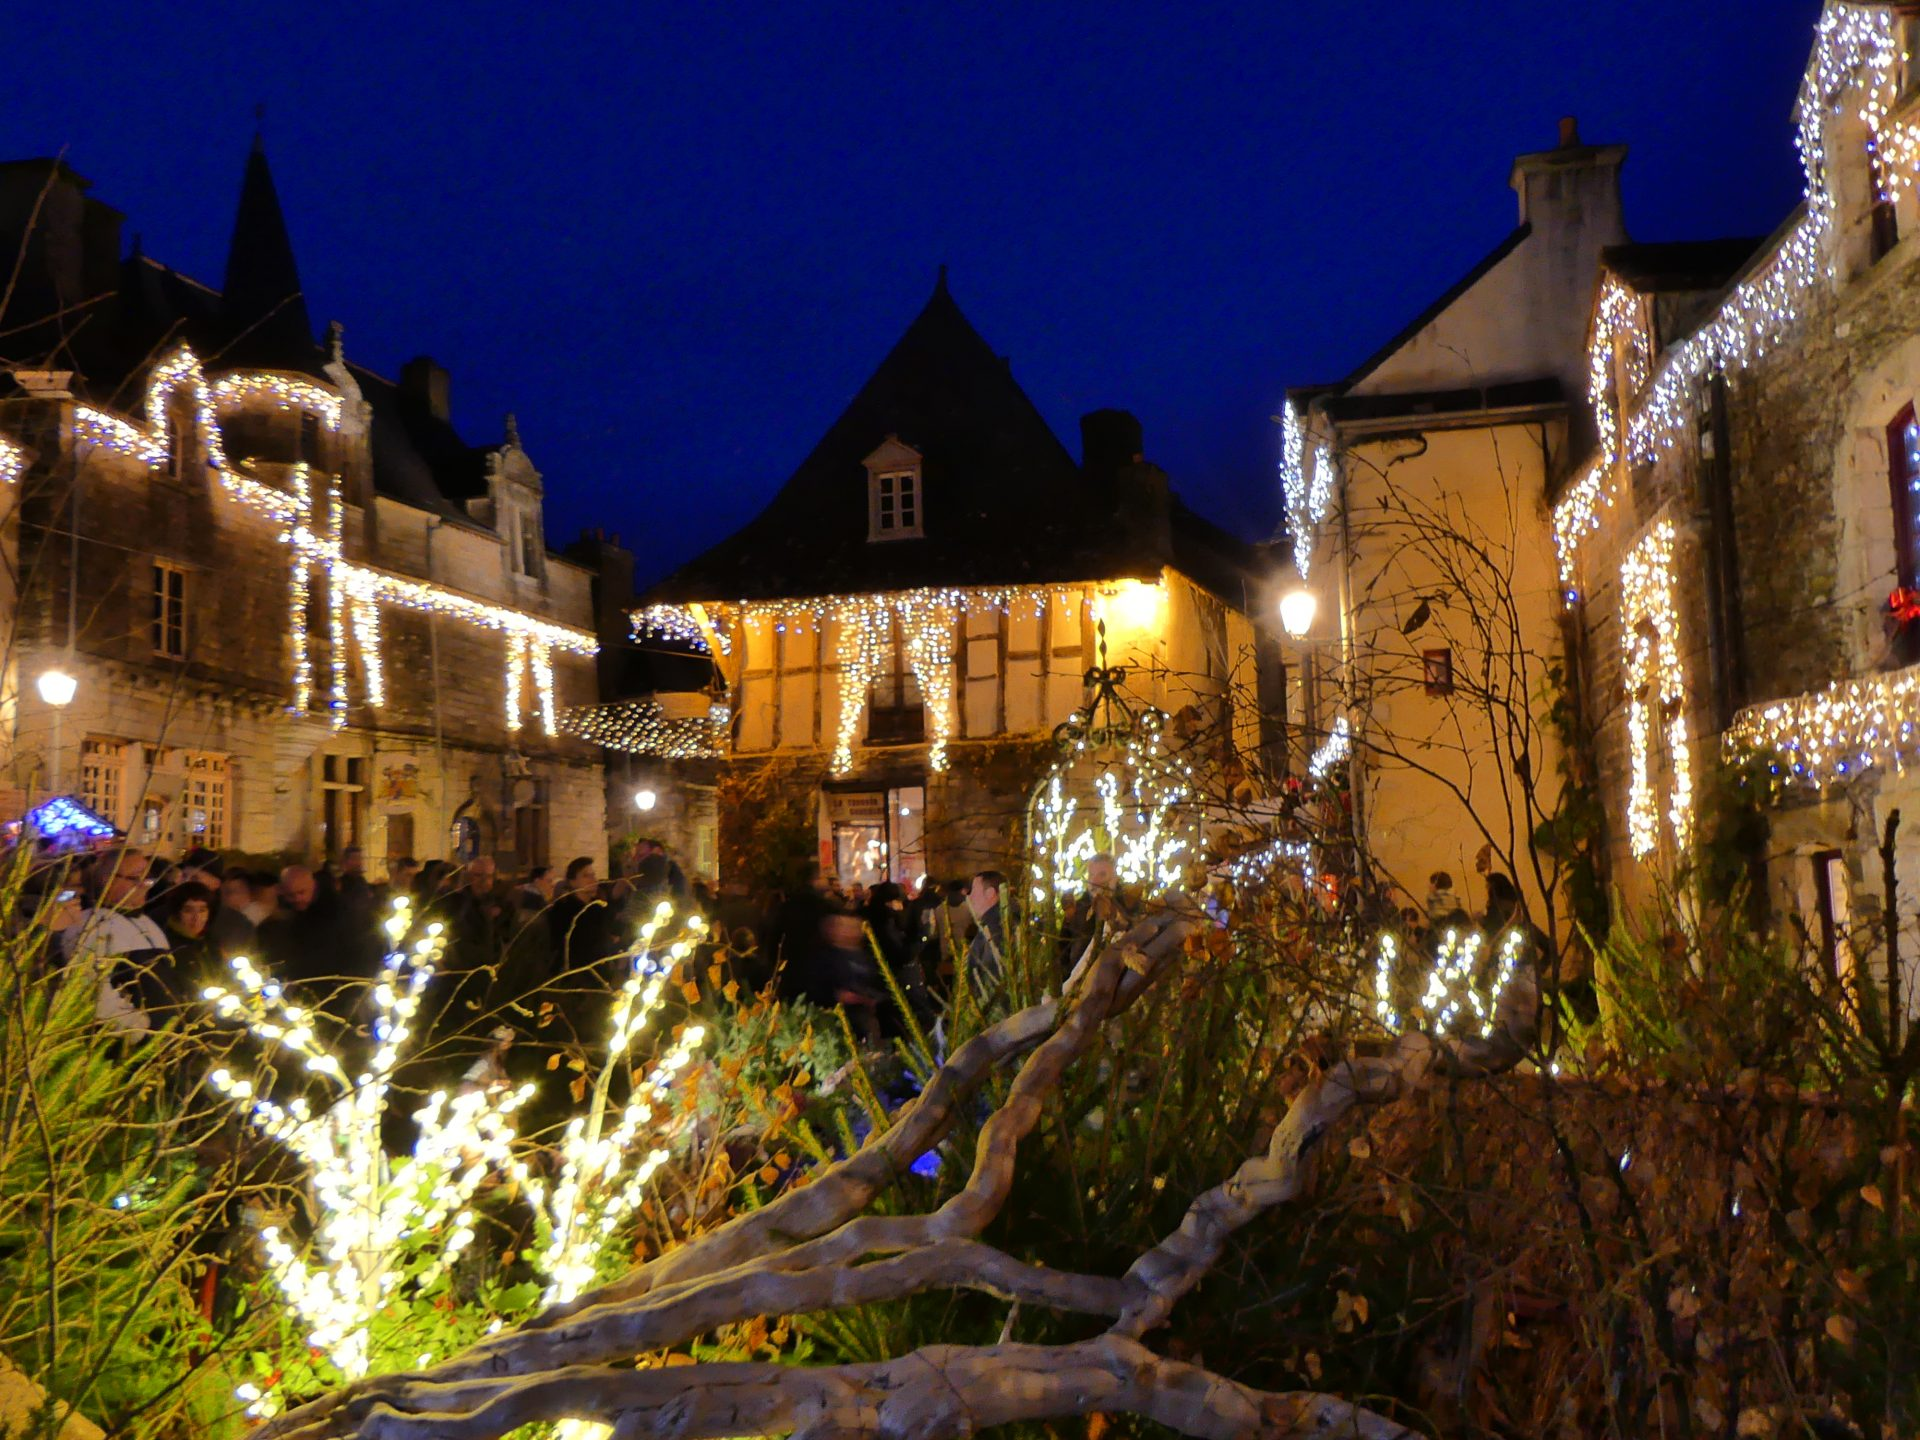 Les illuminations de Noël à Rochefort en Terre